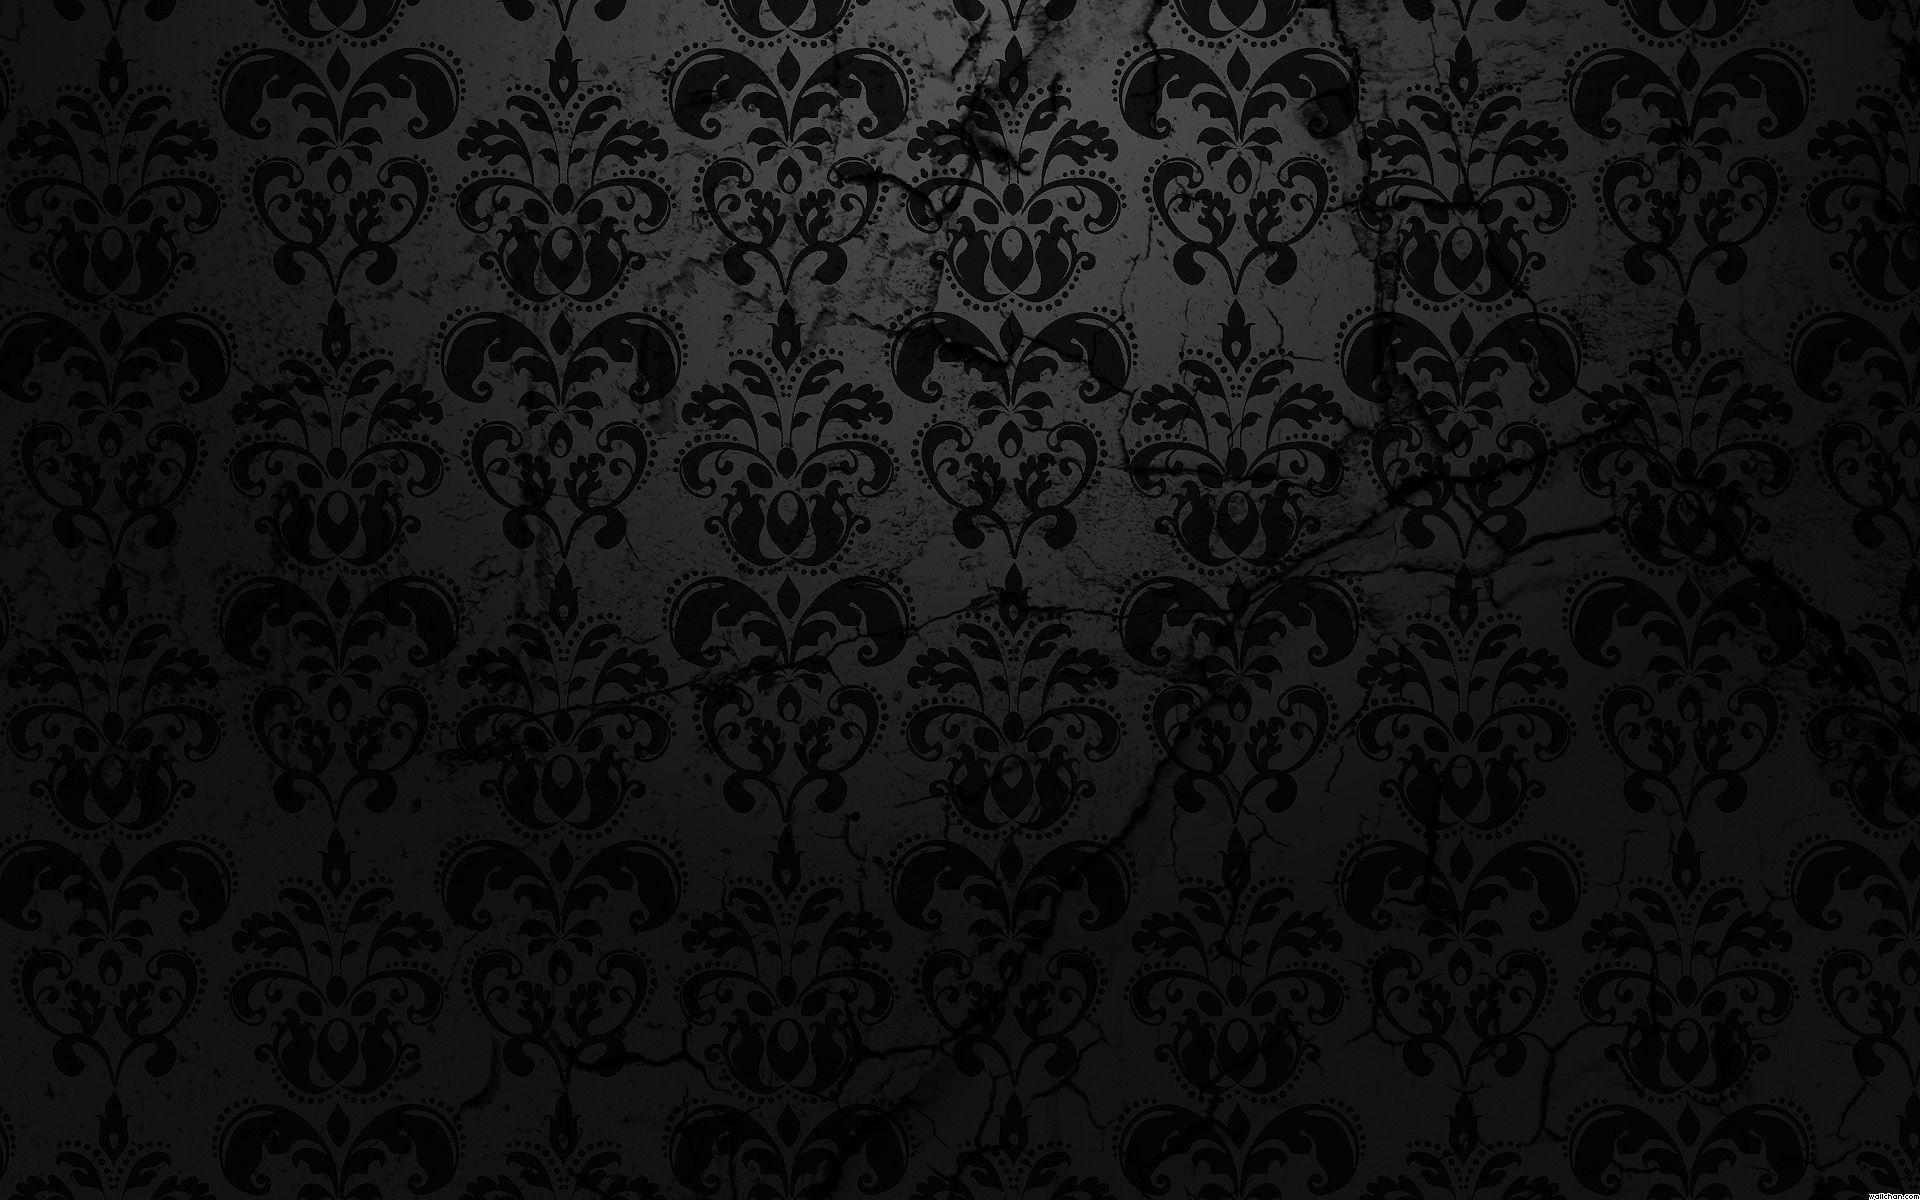 Damask Desktop Wallpaper 40 Images